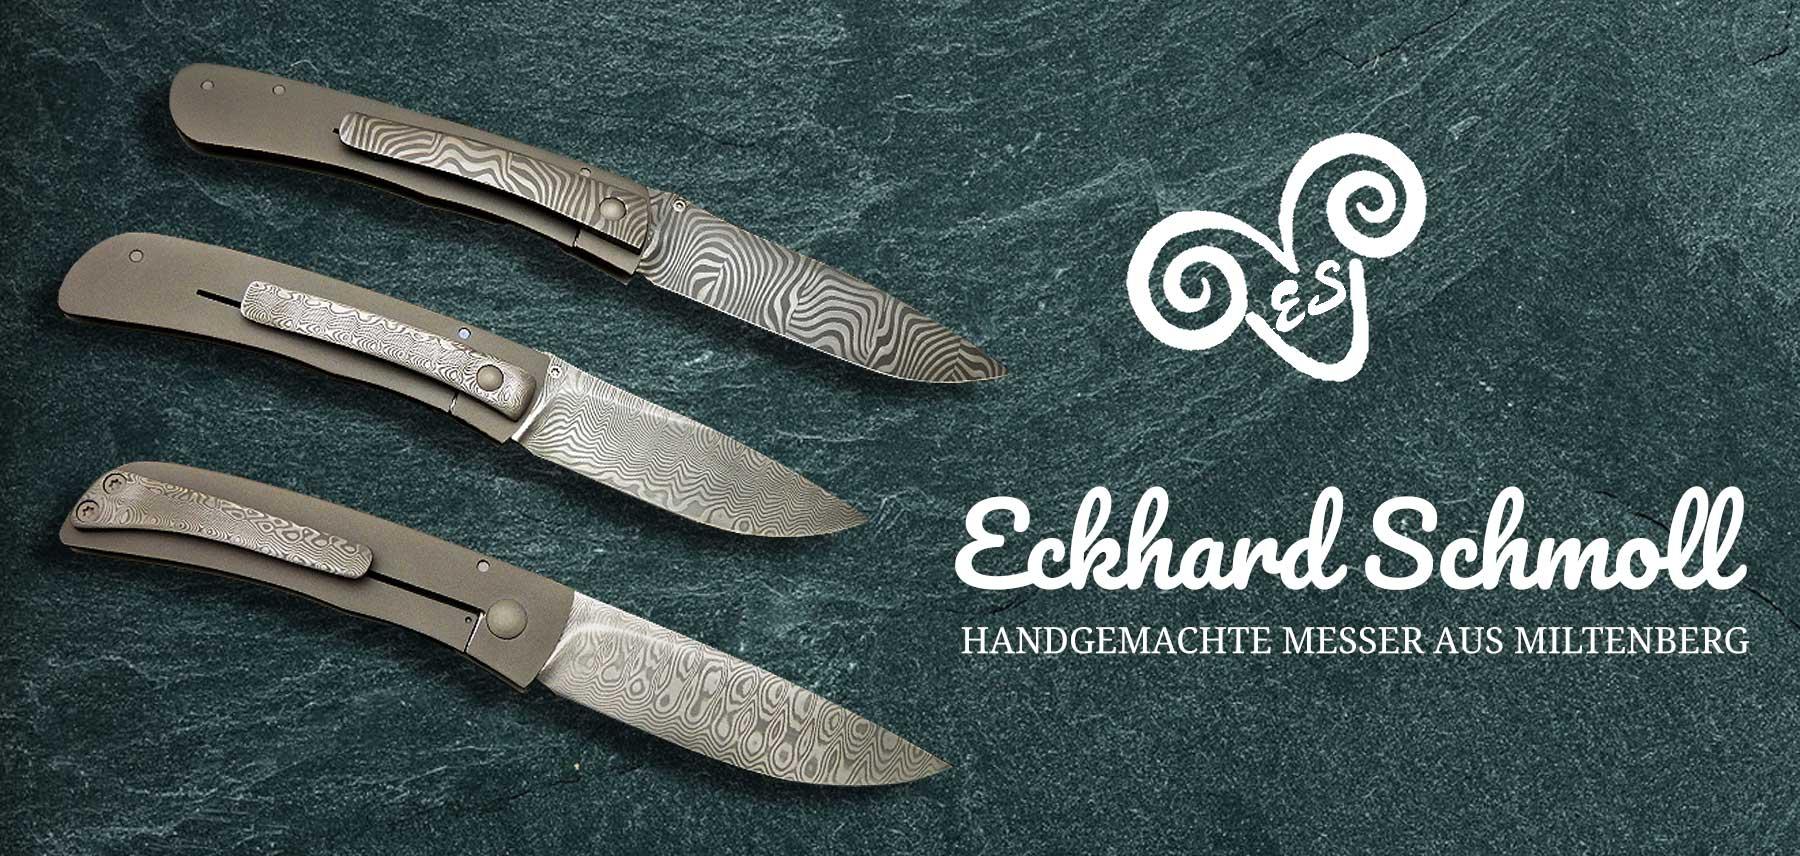 eckhard schmoll – handgemachte messer aus miltenberg